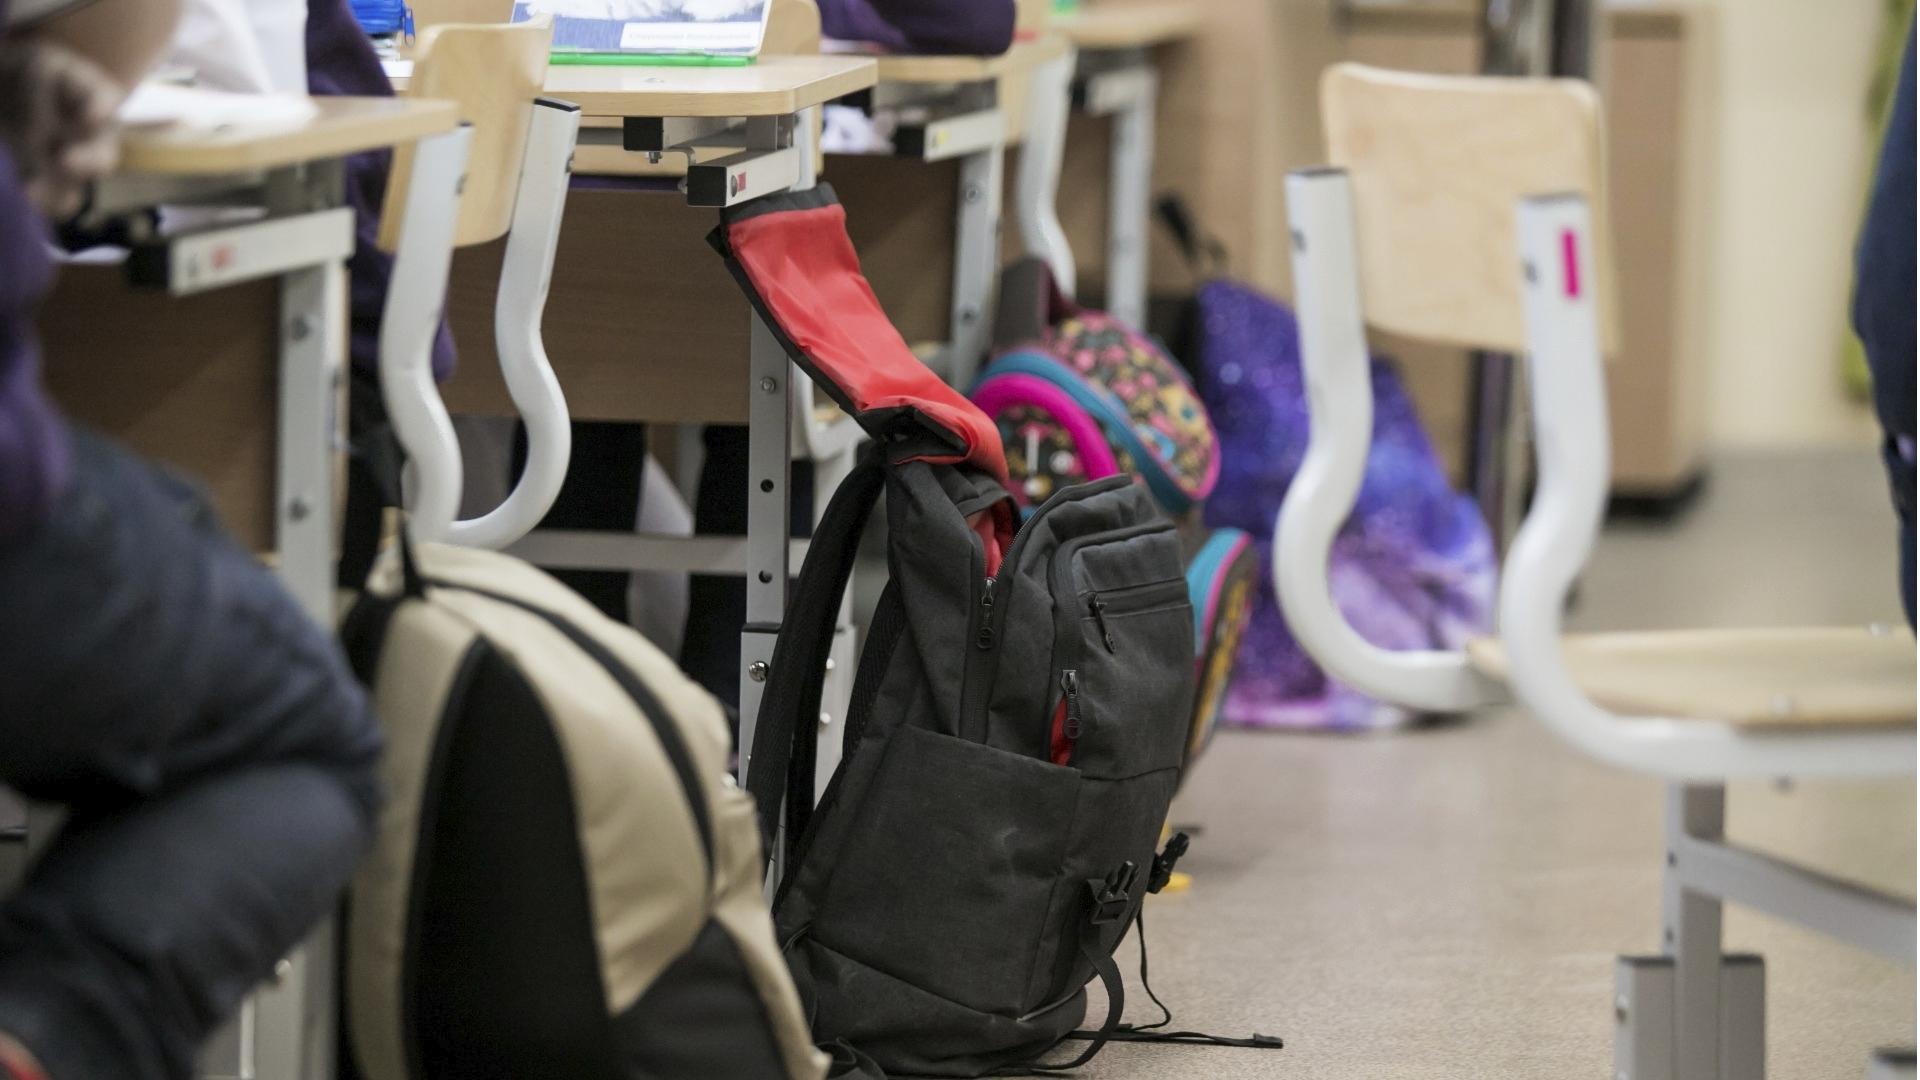 Nuorten tuen tarve alkaa usein jo peruskoulussa. Suomessa on arvioitu olevan noin 4000 yläkouluikäistä koulupudokasta.